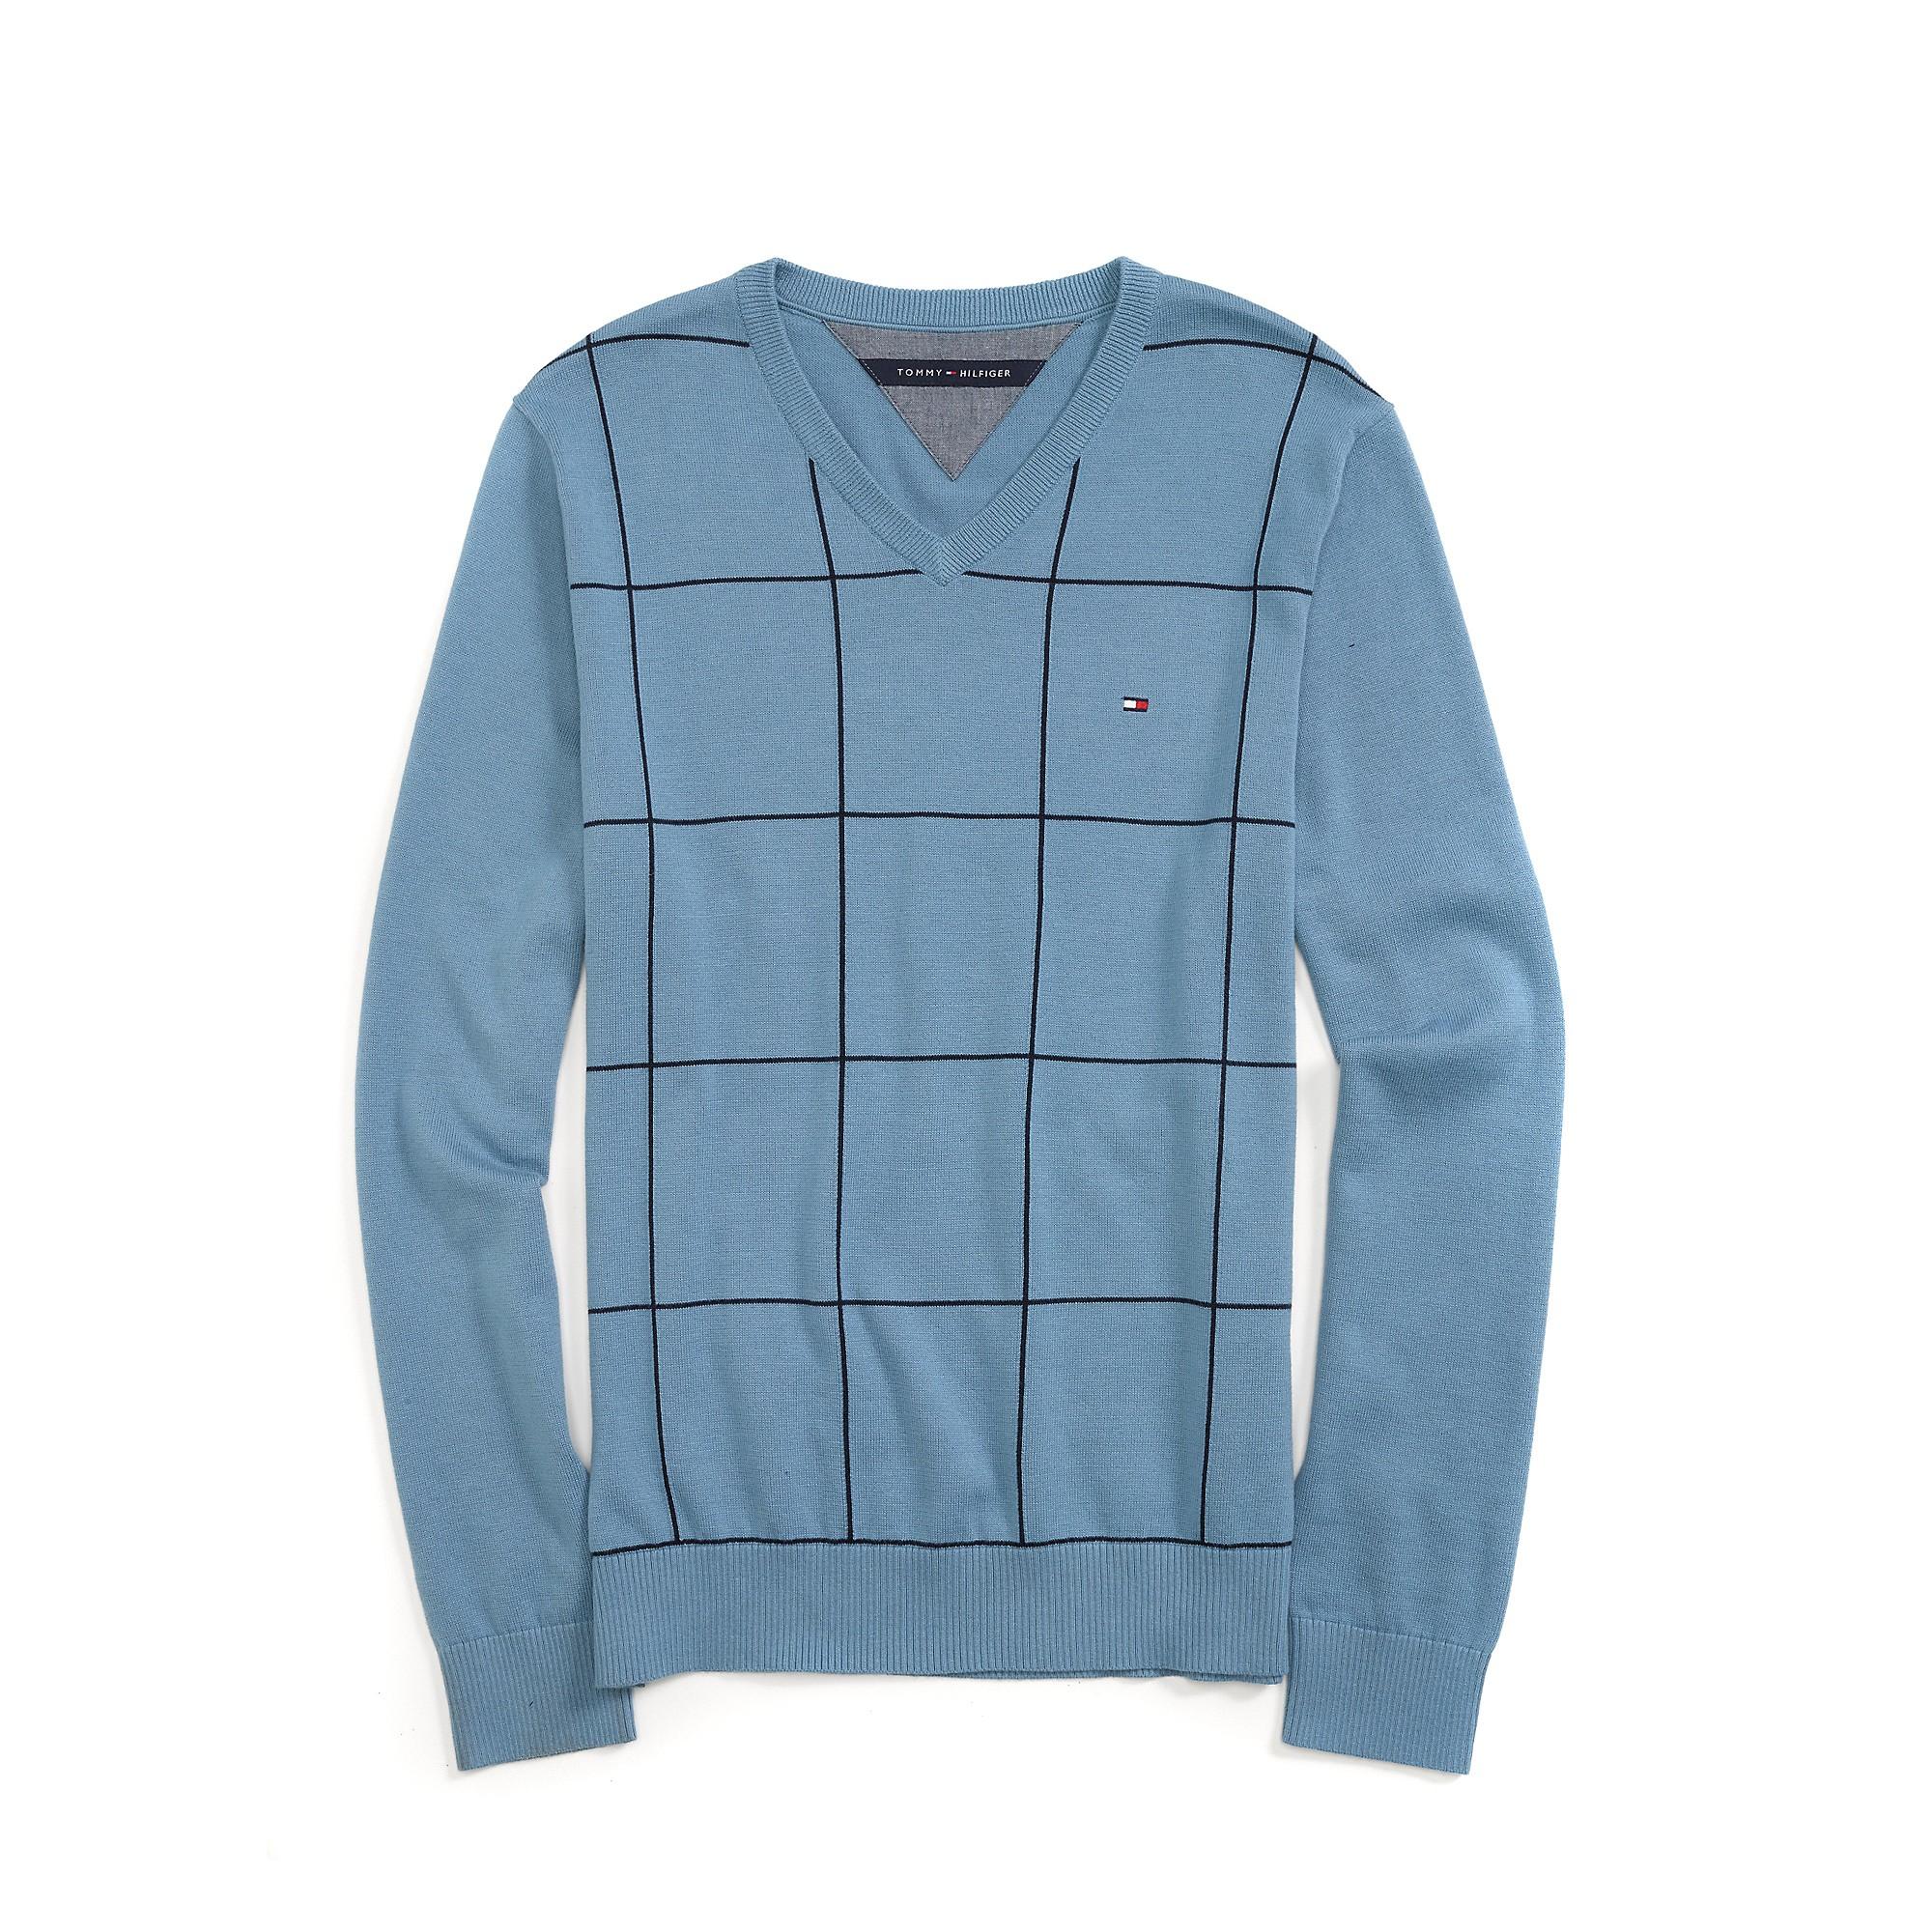 tommy hilfiger windowpane v neck sweater in blue for men. Black Bedroom Furniture Sets. Home Design Ideas